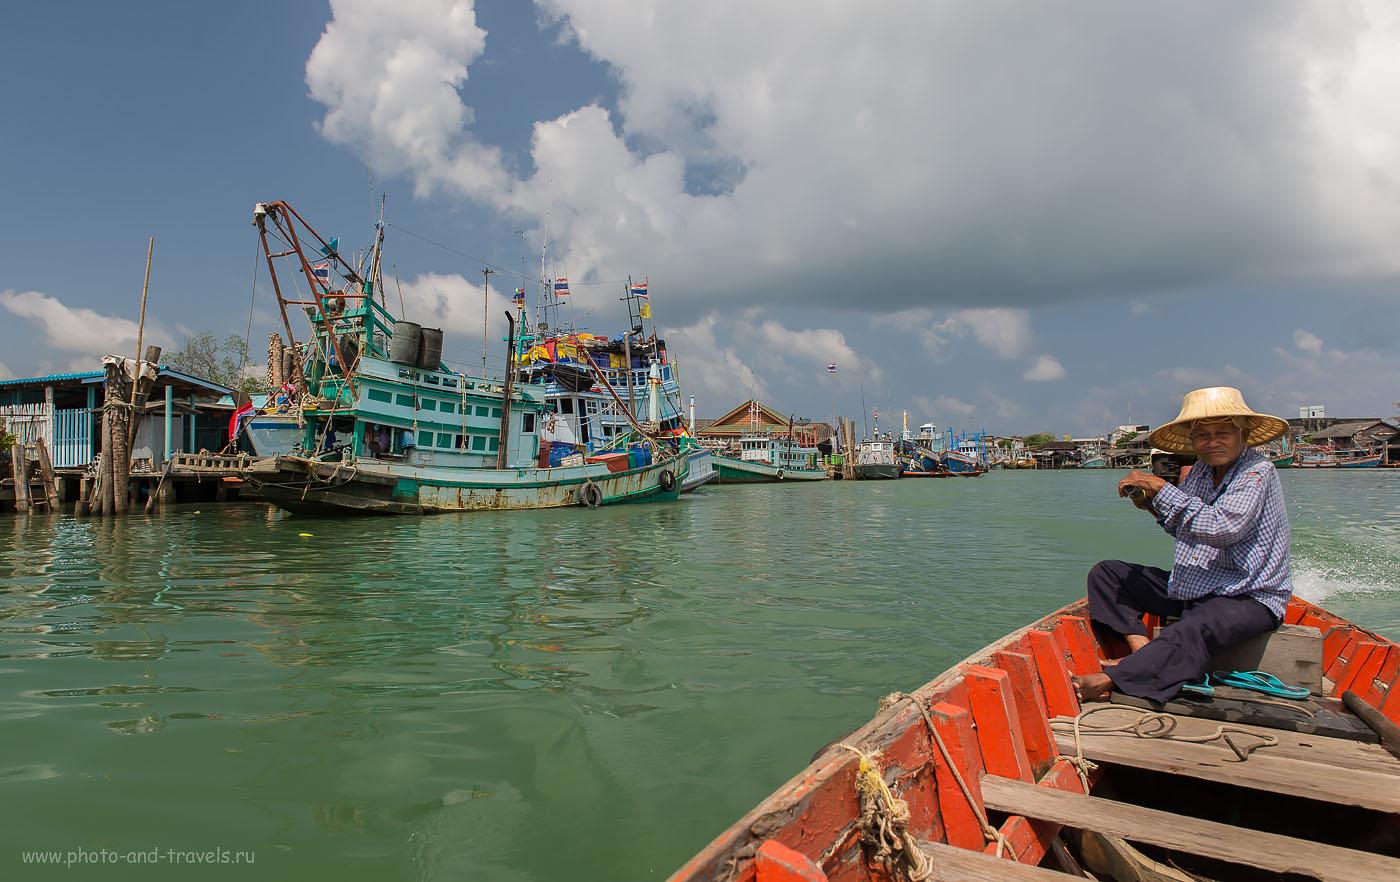 Фото 13. На дикой экскурсии по рыбацкой деревне и каналам в окрестностях города Чумпхон. Отзывы туристов об интересных местах в Таиланде